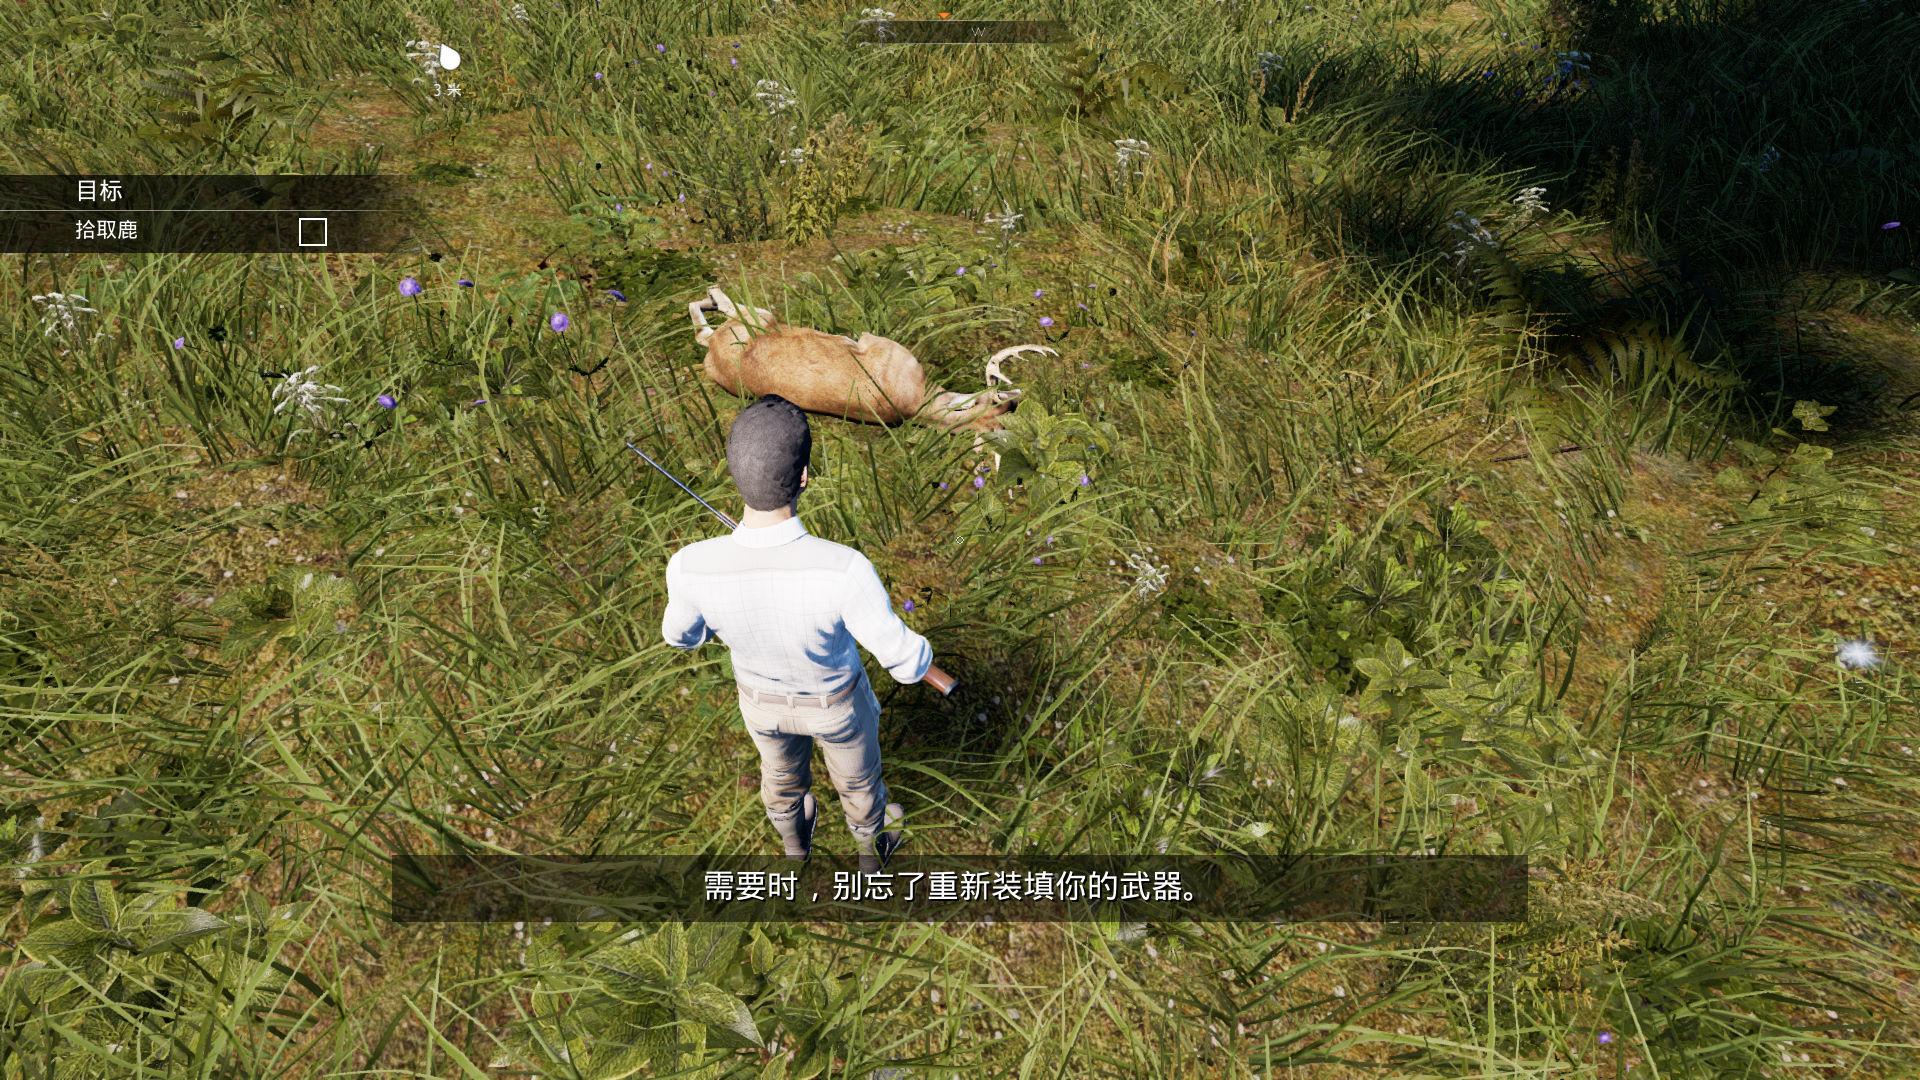 模拟狩猎游戏截图4